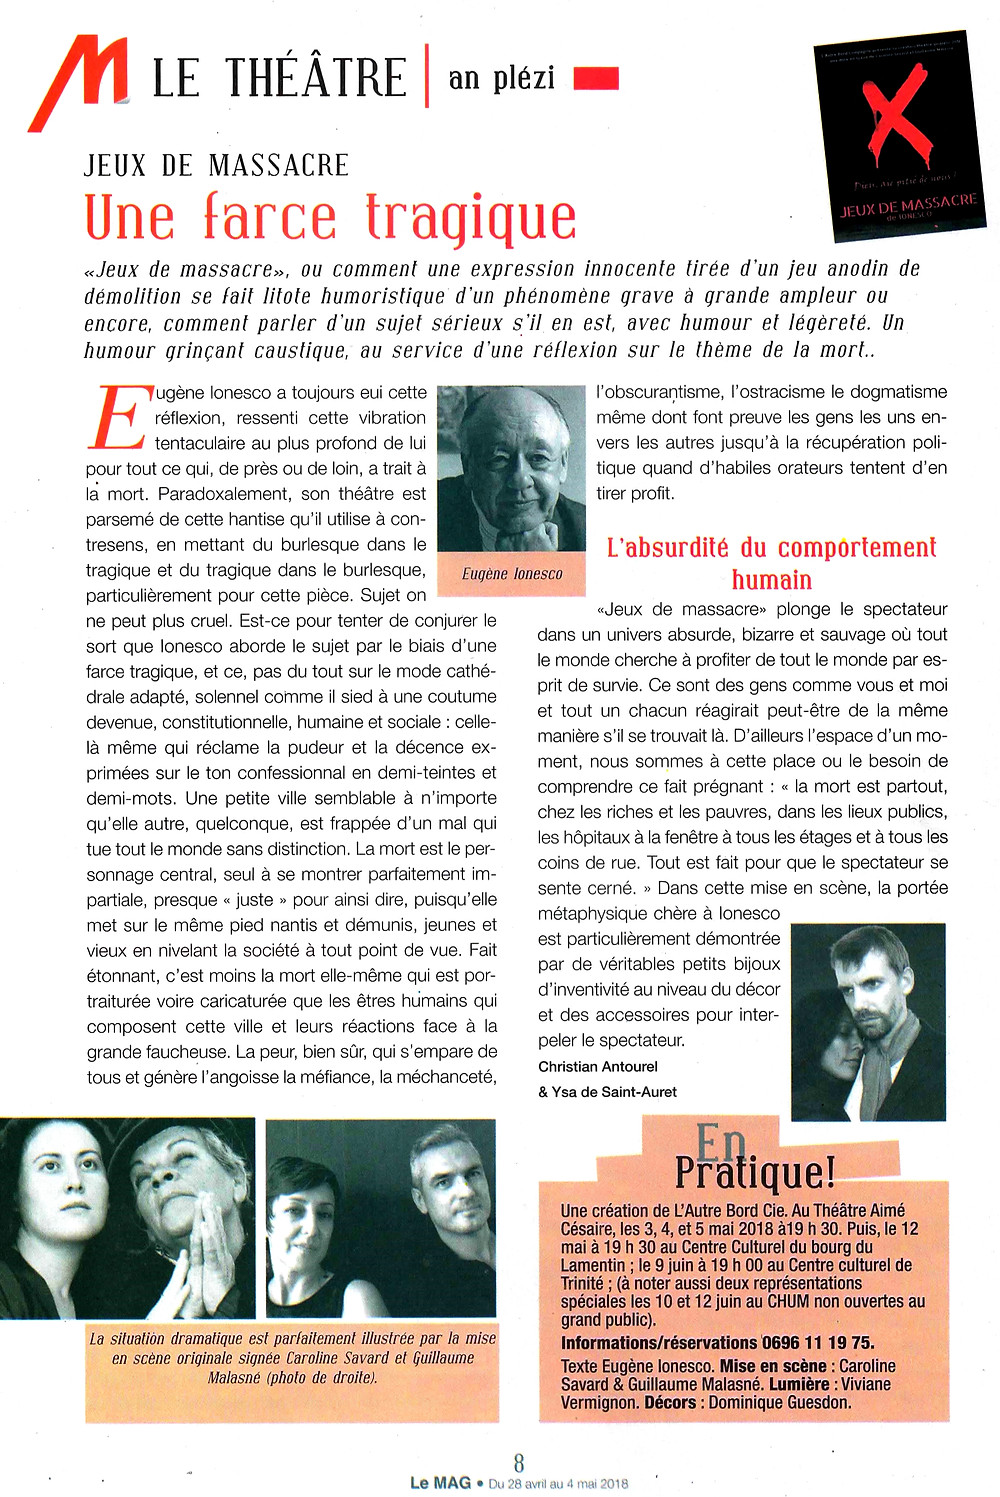 Jeux de massacre Ionesco Aimé Césaire